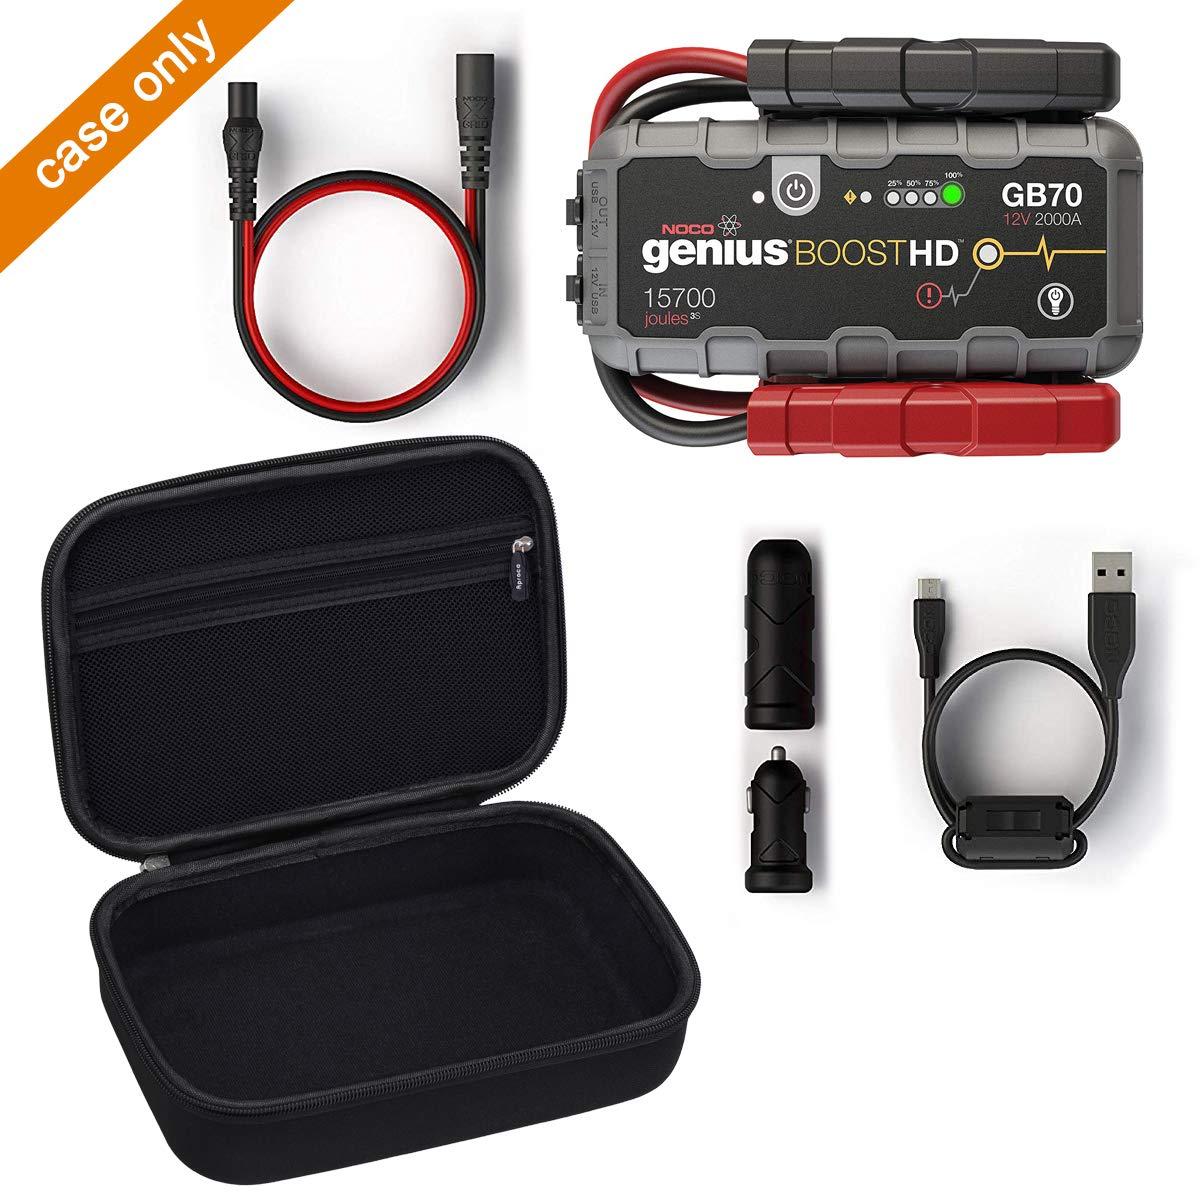 Aproca Hart Schutz H/ülle Reise Tragen Etui Tasche f/ür NOCO Genius Boost HD GB70 2000A Ultra-Sicheres 12V-Lithium-Starthilfeger/ät Black-New